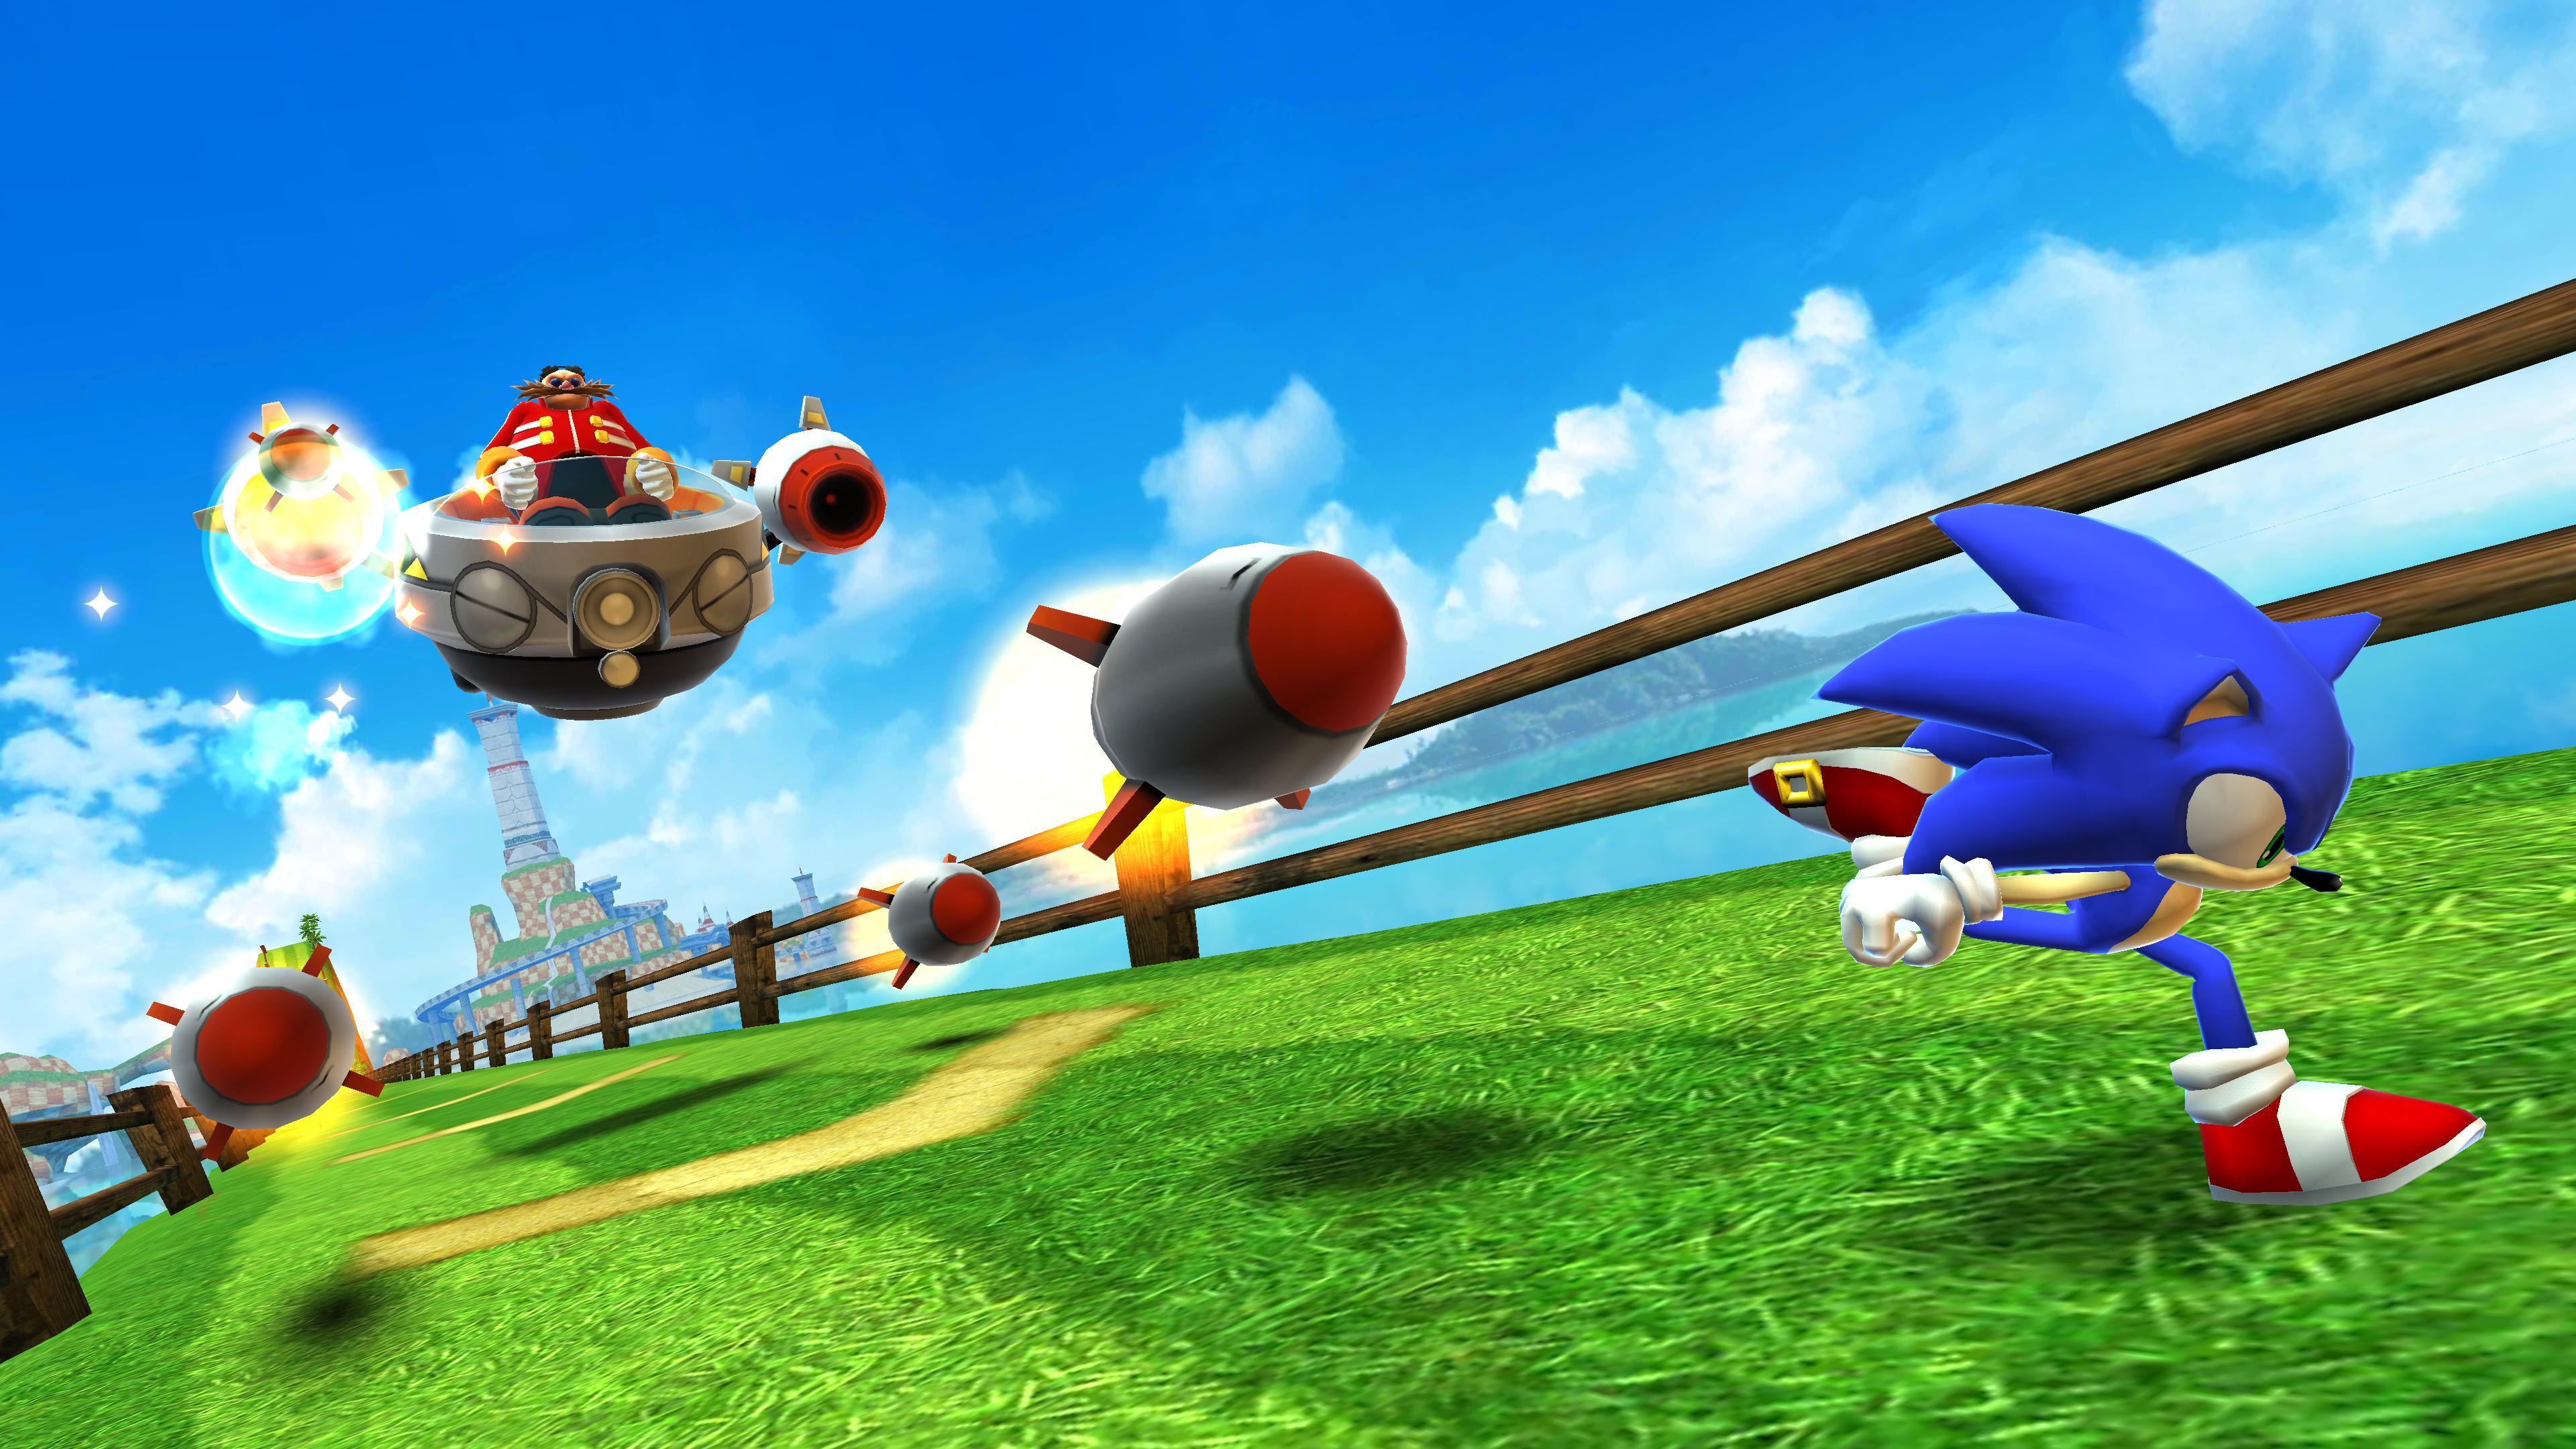 Sonic Dash - Endless Running & Racing Game 4.14.0 Screenshot 15